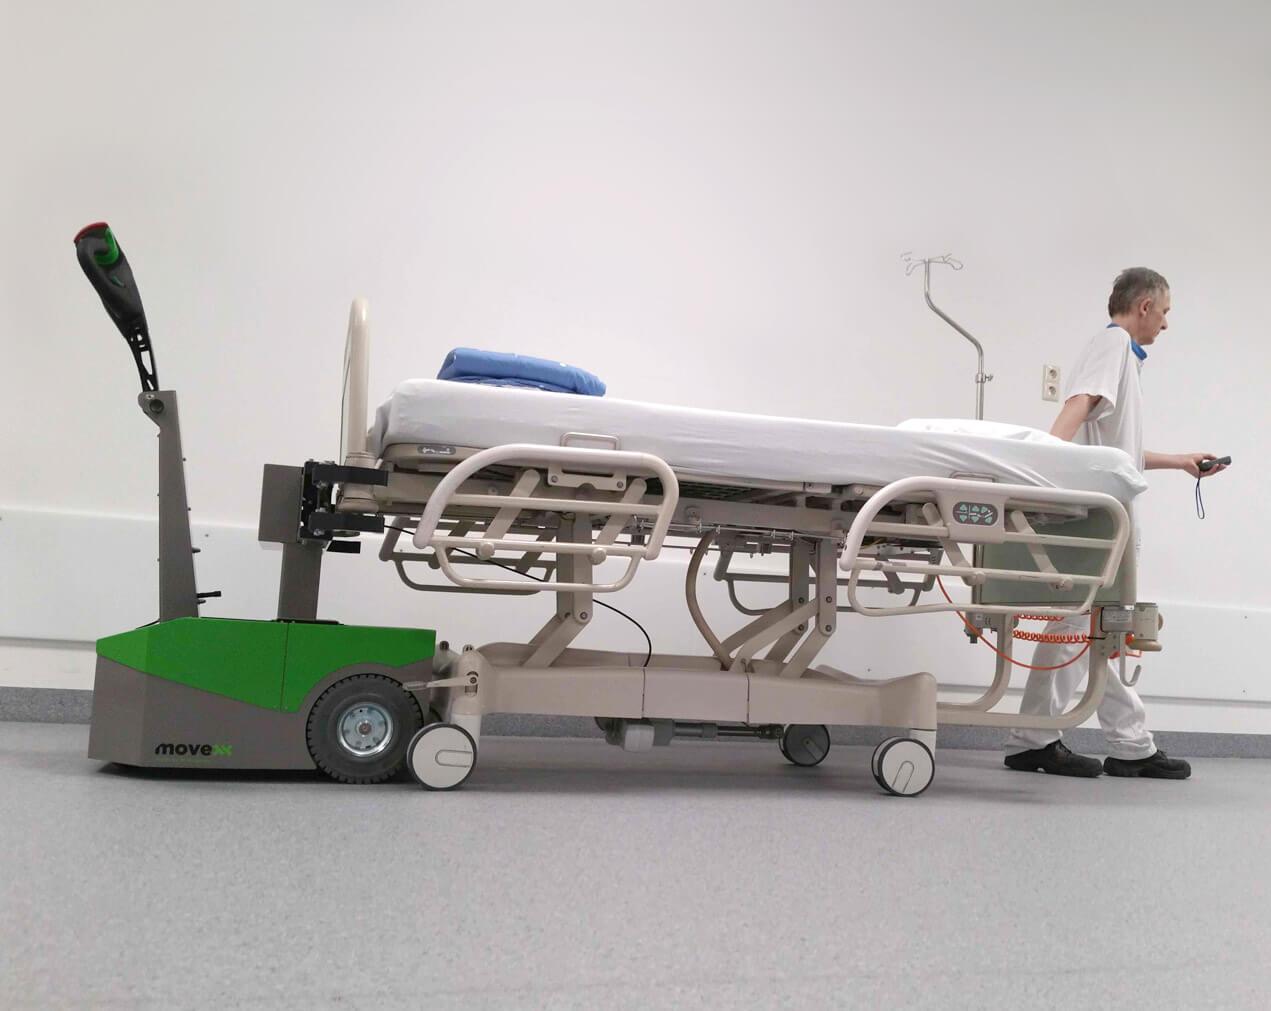 Bedmover elektrotrekker BM500R-FFC vervoert ziekenhuisbed.